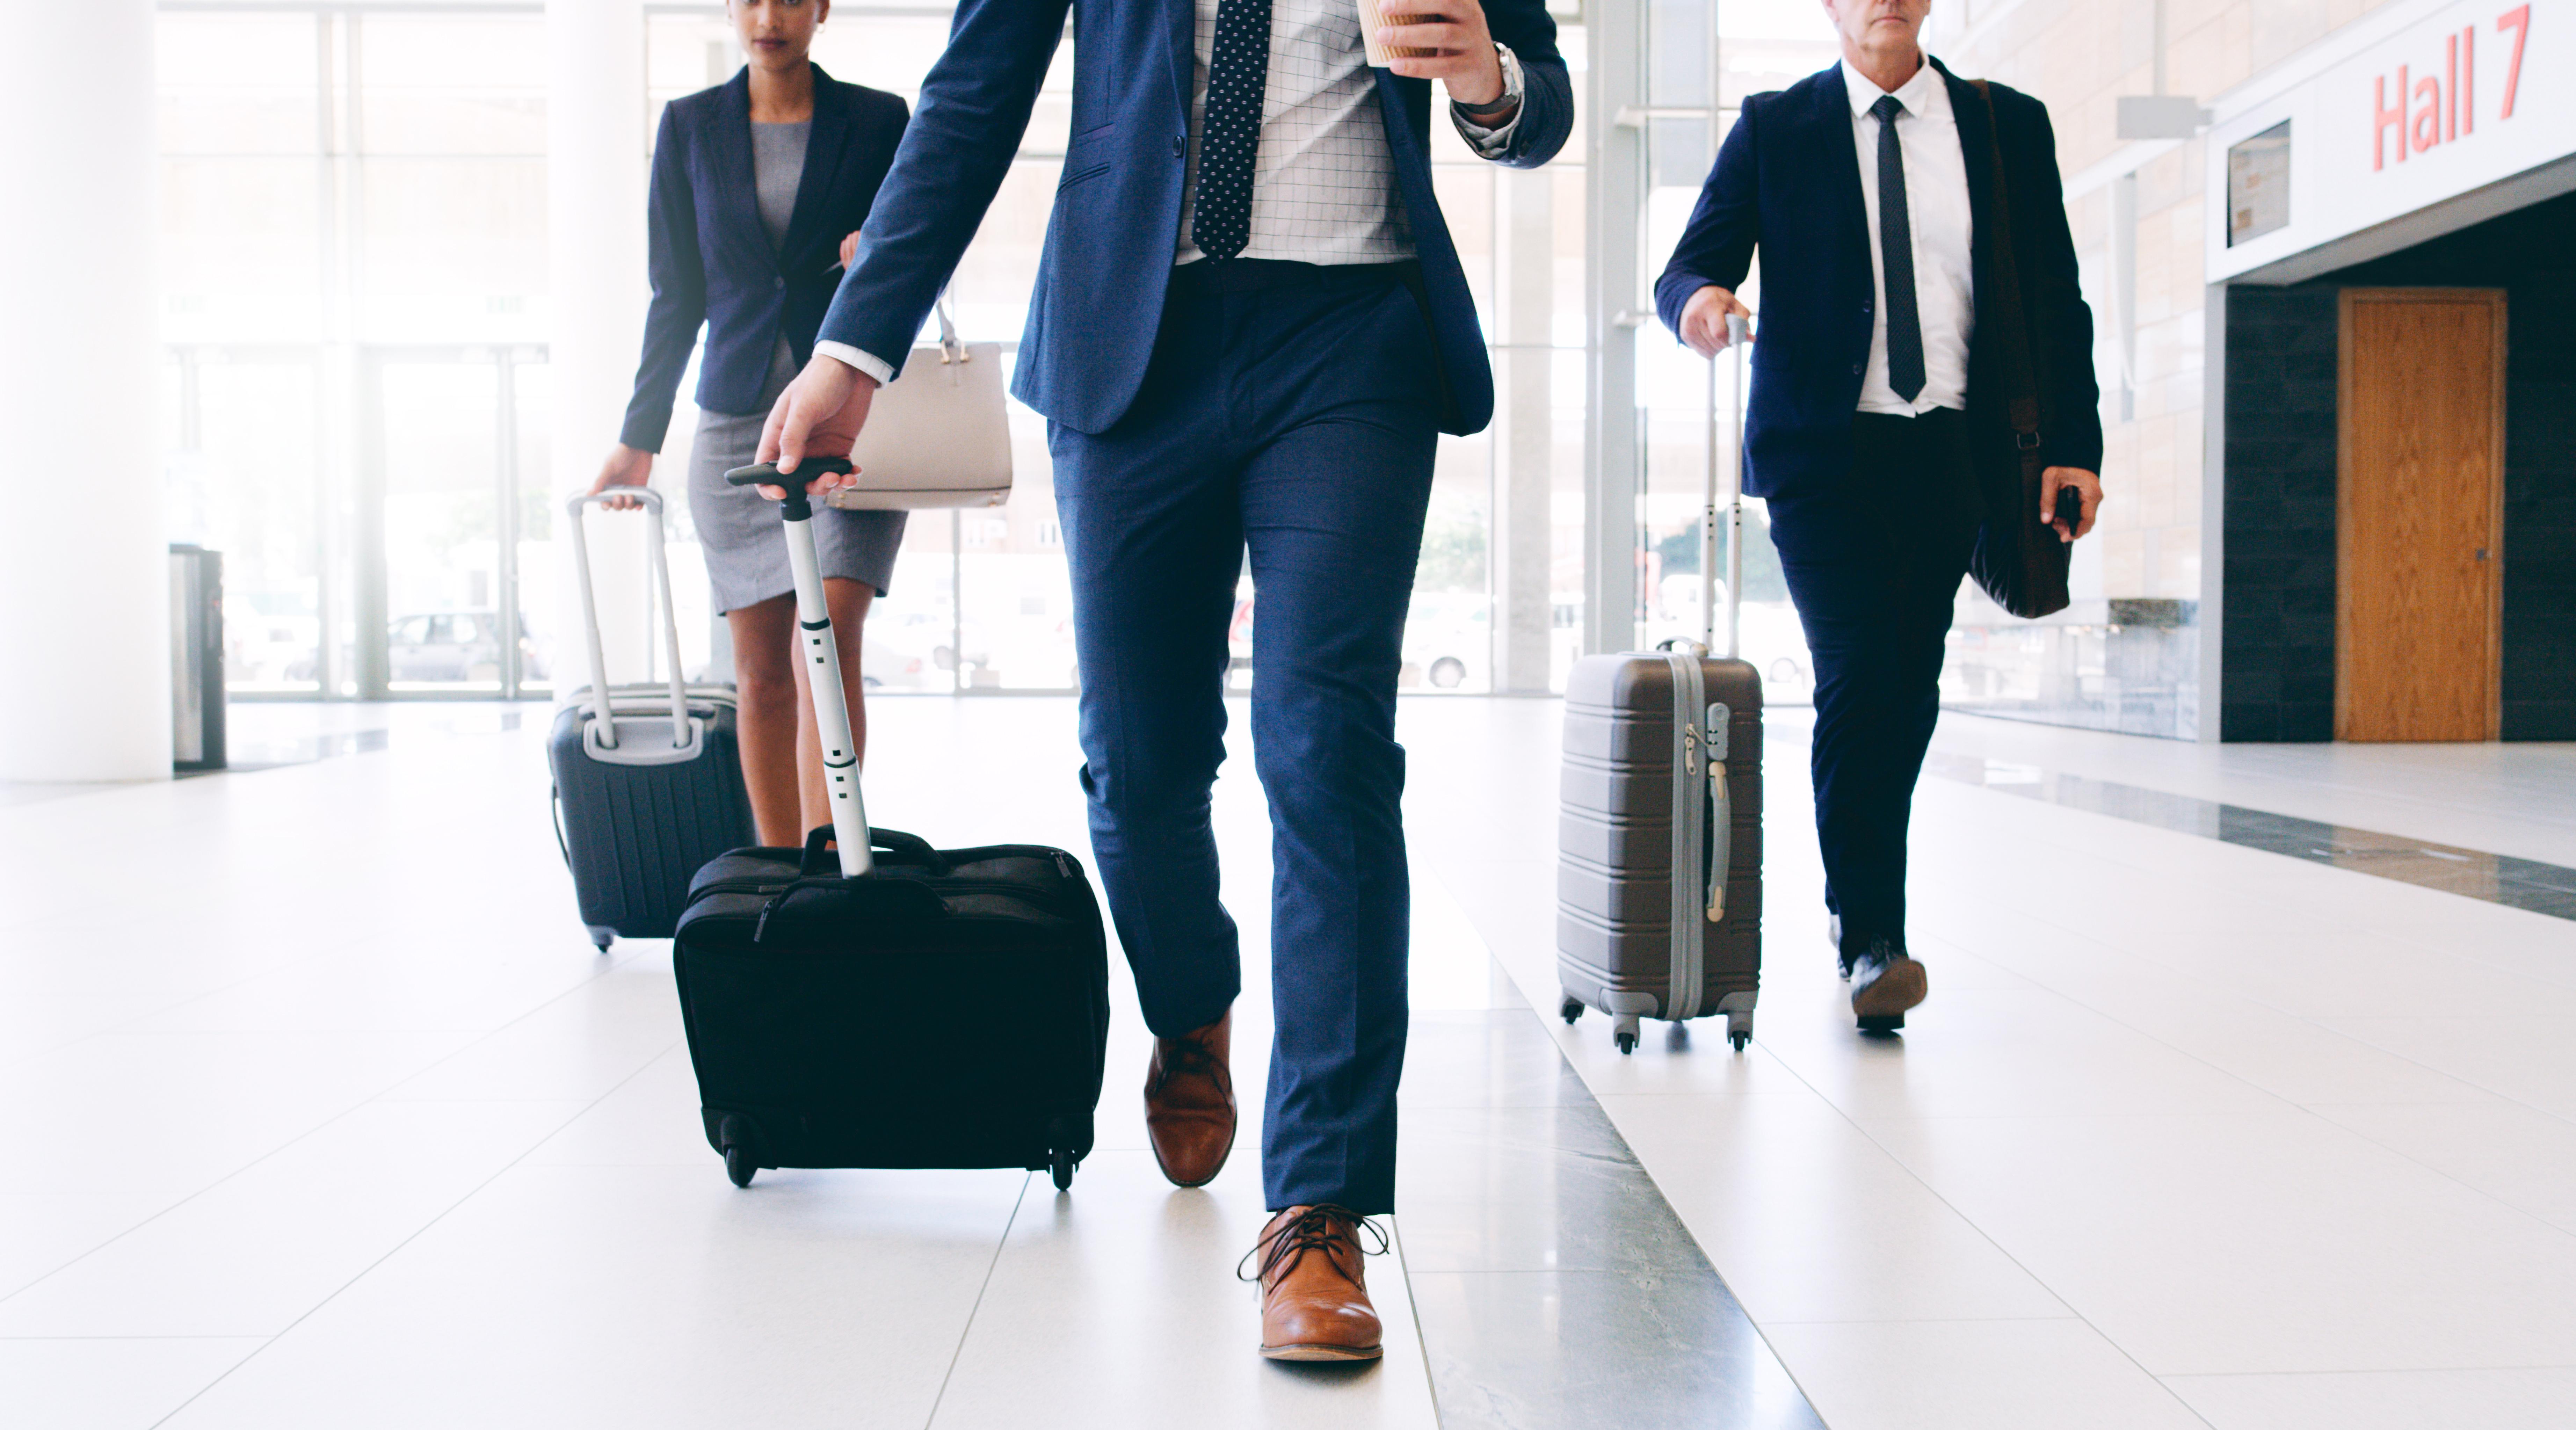 Pasajeros corporativos caminando con maletas por aeropuerto